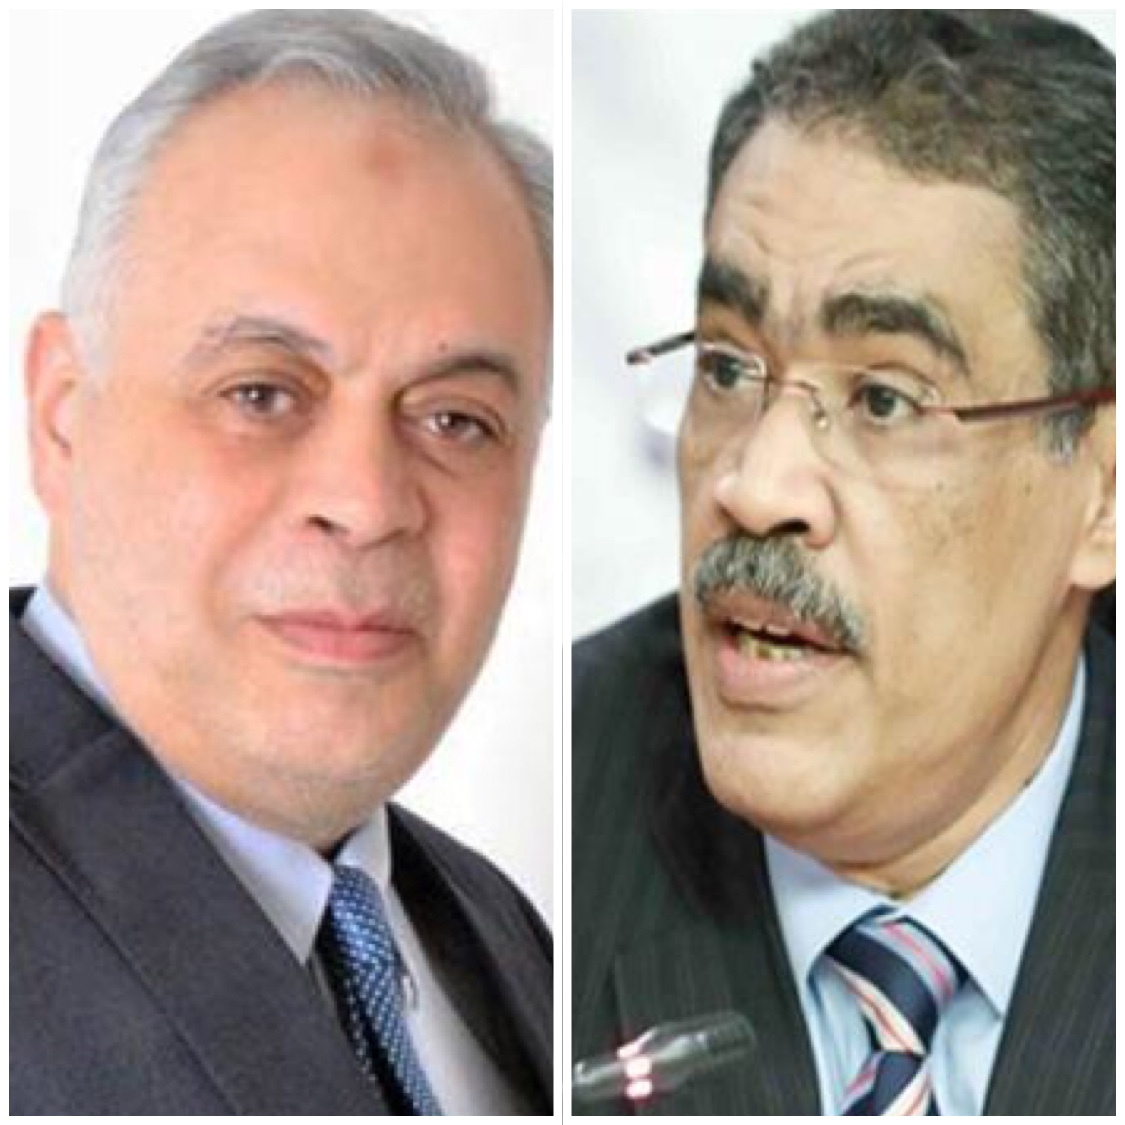 ابوذكري مهنئا العربي : نثق في قيادتكم للإتحاد العام للغرف التجارية المصرية